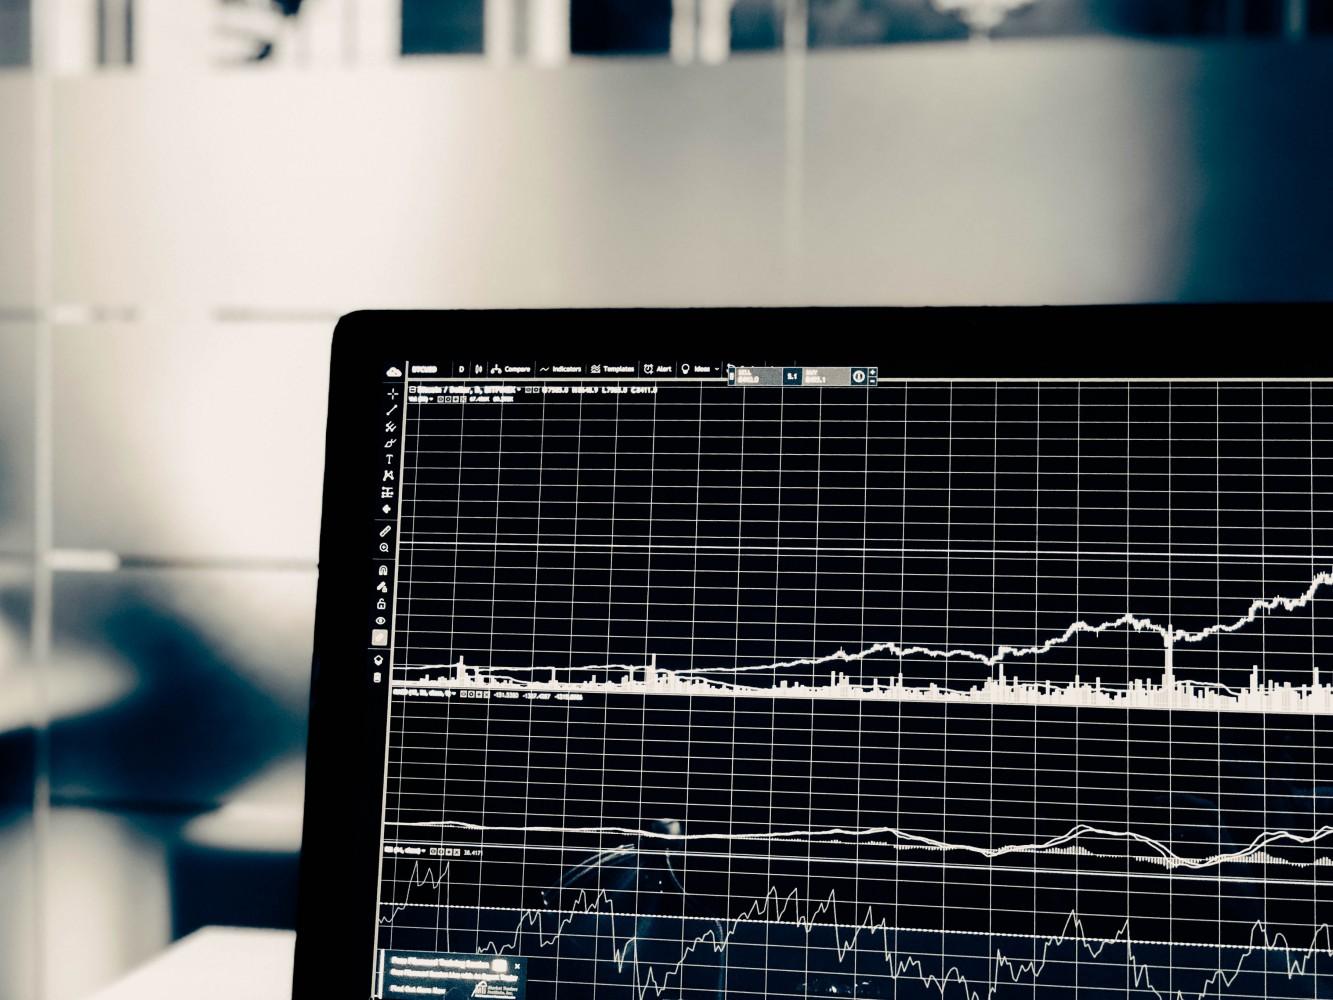 Umas das formas mais simples e seguras para ganhar dinheiro com a bolsa de valores